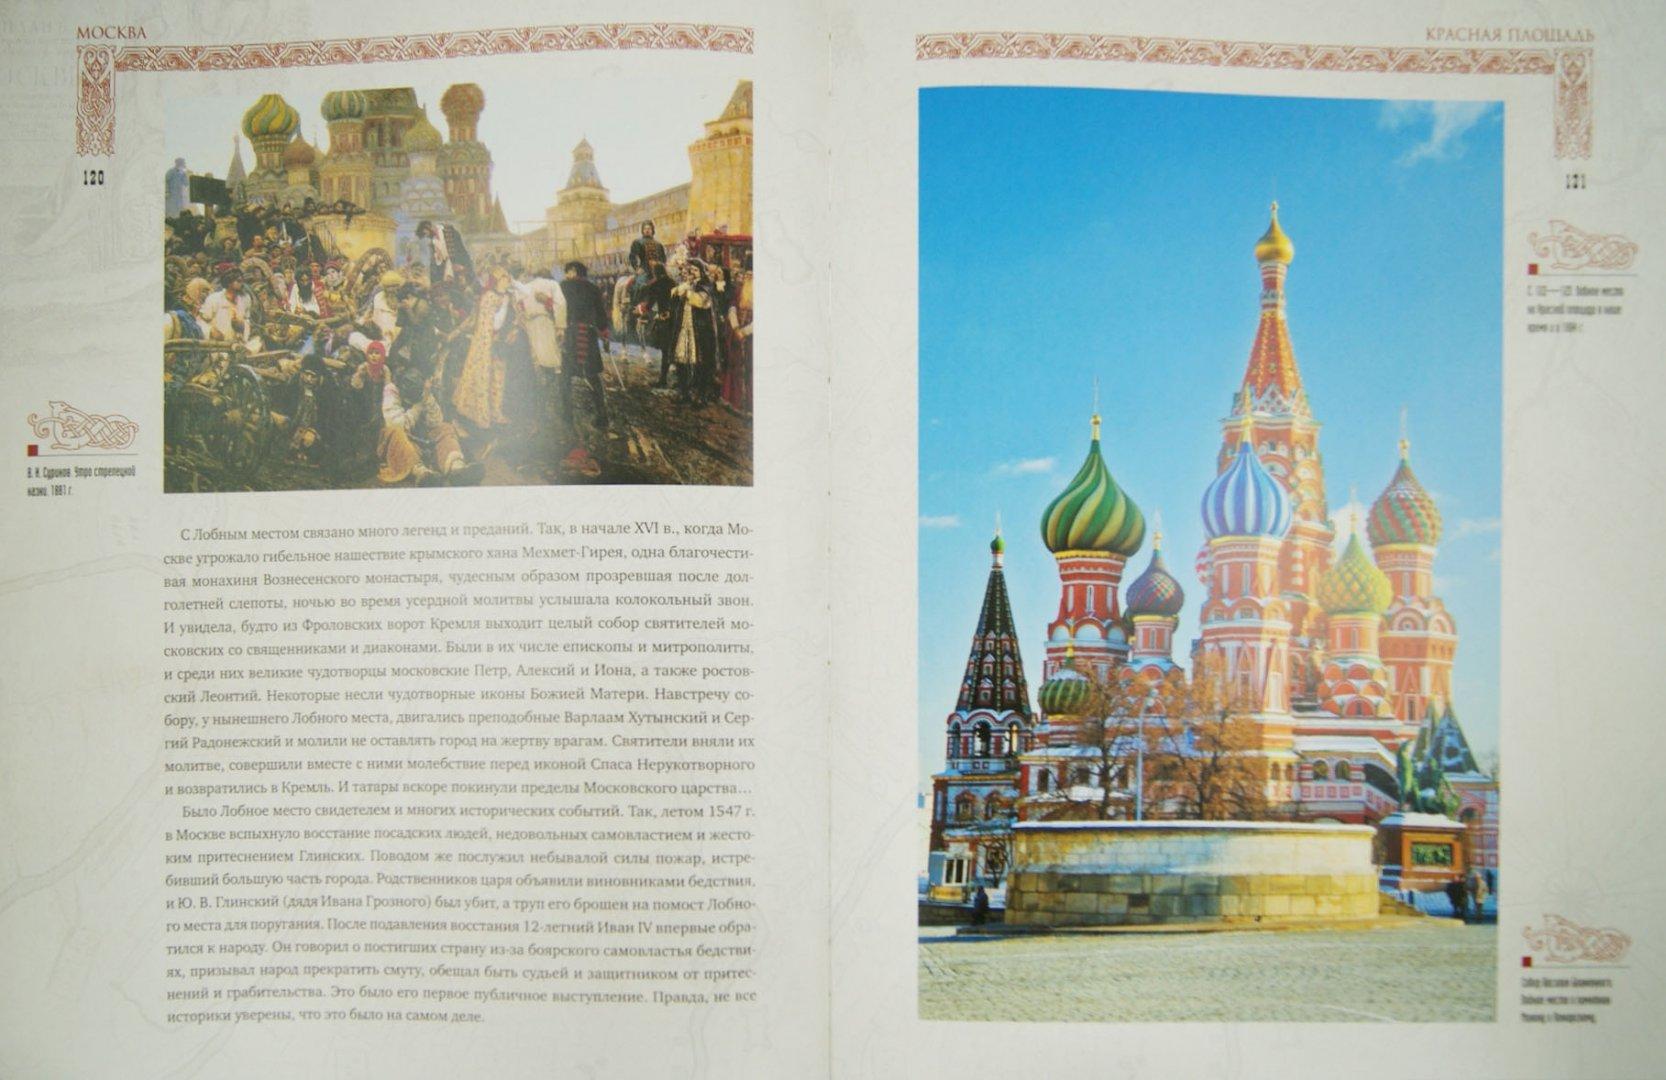 Иллюстрация 1 из 2 для Москва (в коже) - Надежда Ионина   Лабиринт - книги. Источник: Лабиринт